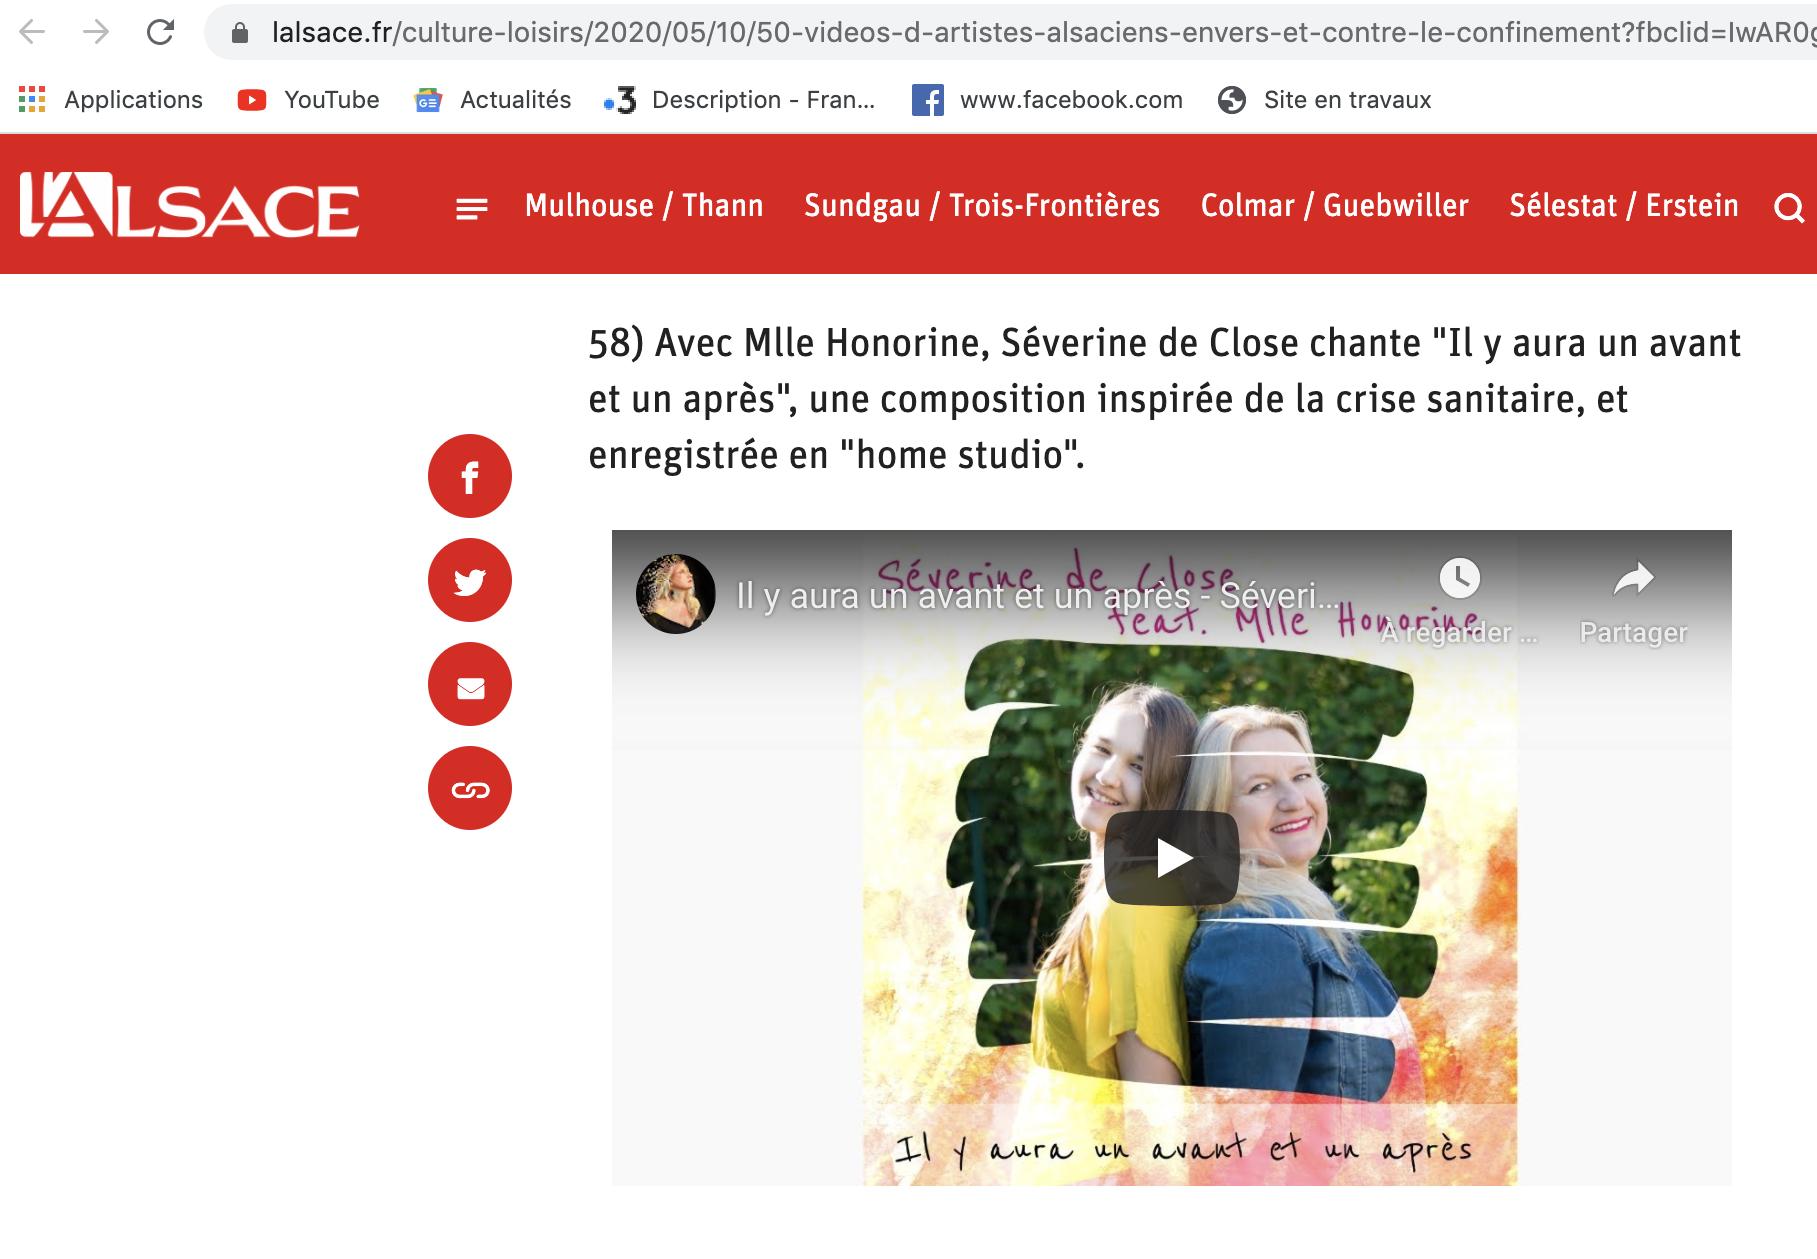 Notre single de (dé)confinement dans la playlist du journal l'Alsace - Mai 2020